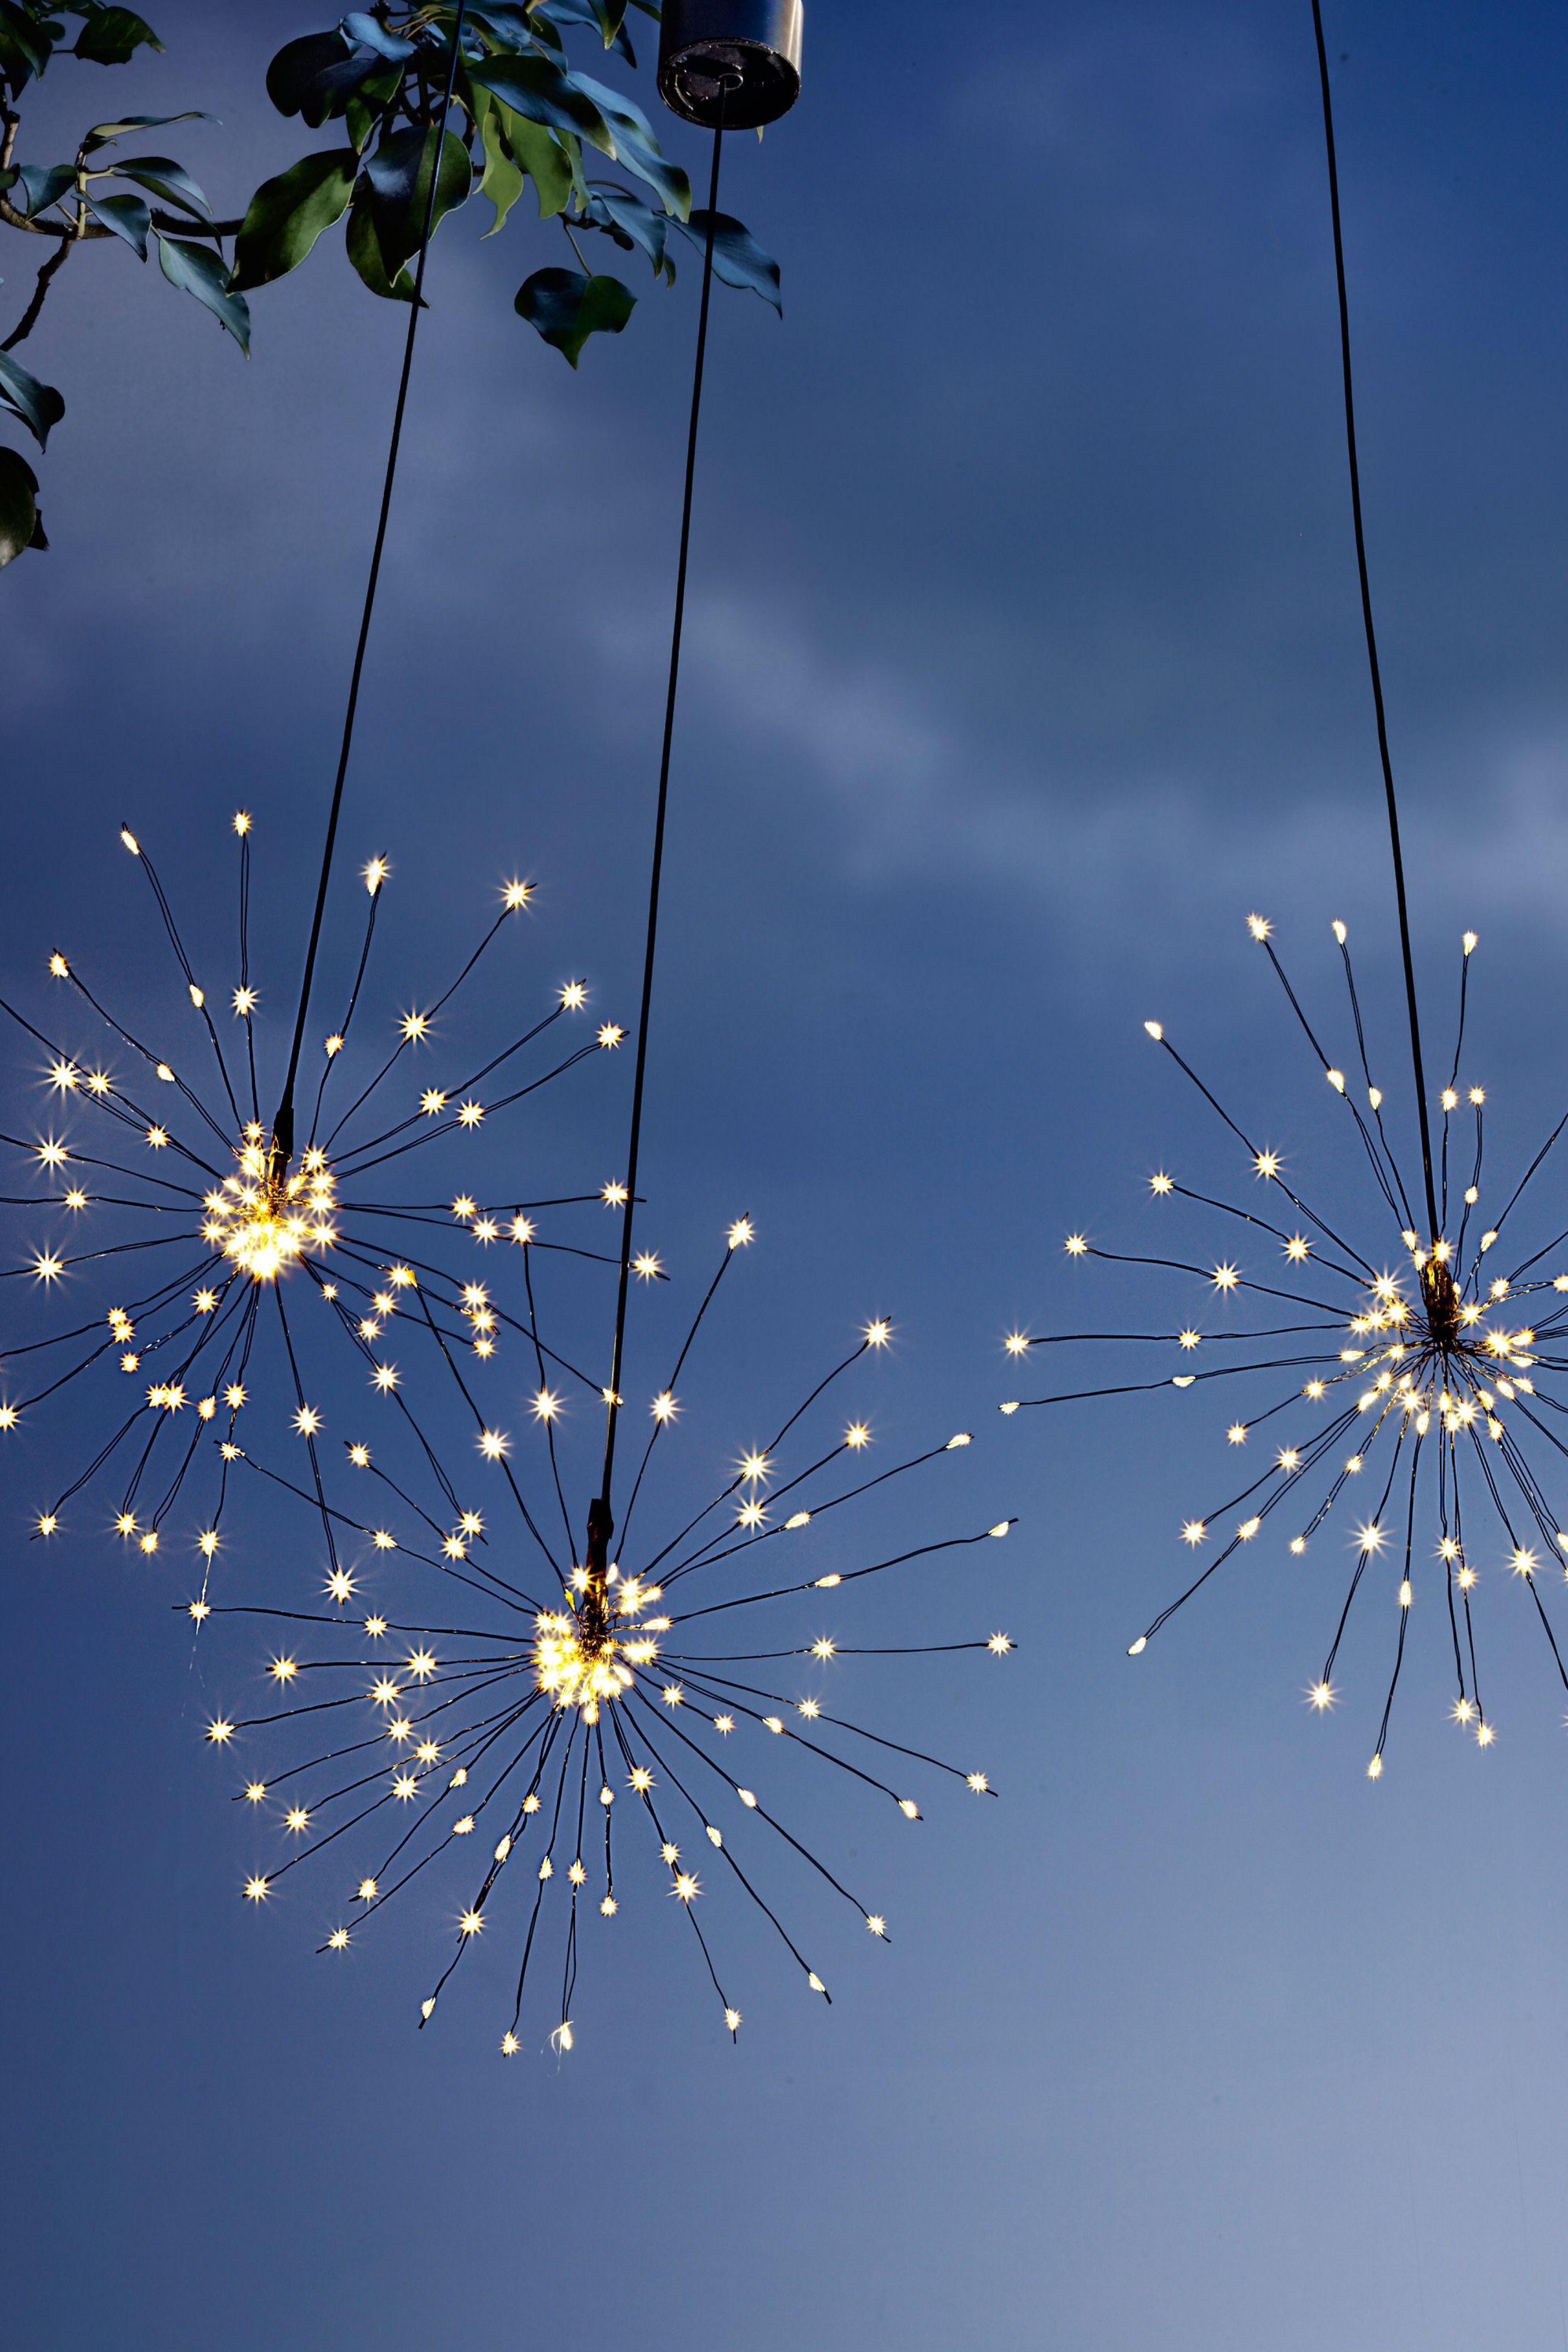 Dekorieren Sie Zauberhafte Lichtstimmung Im Dunkeln Wirkt Es Als Schwebten Wolkchen Aus Zar In 2020 Licht Im Garten Terrasse Dekorieren Beleuchtung Garten